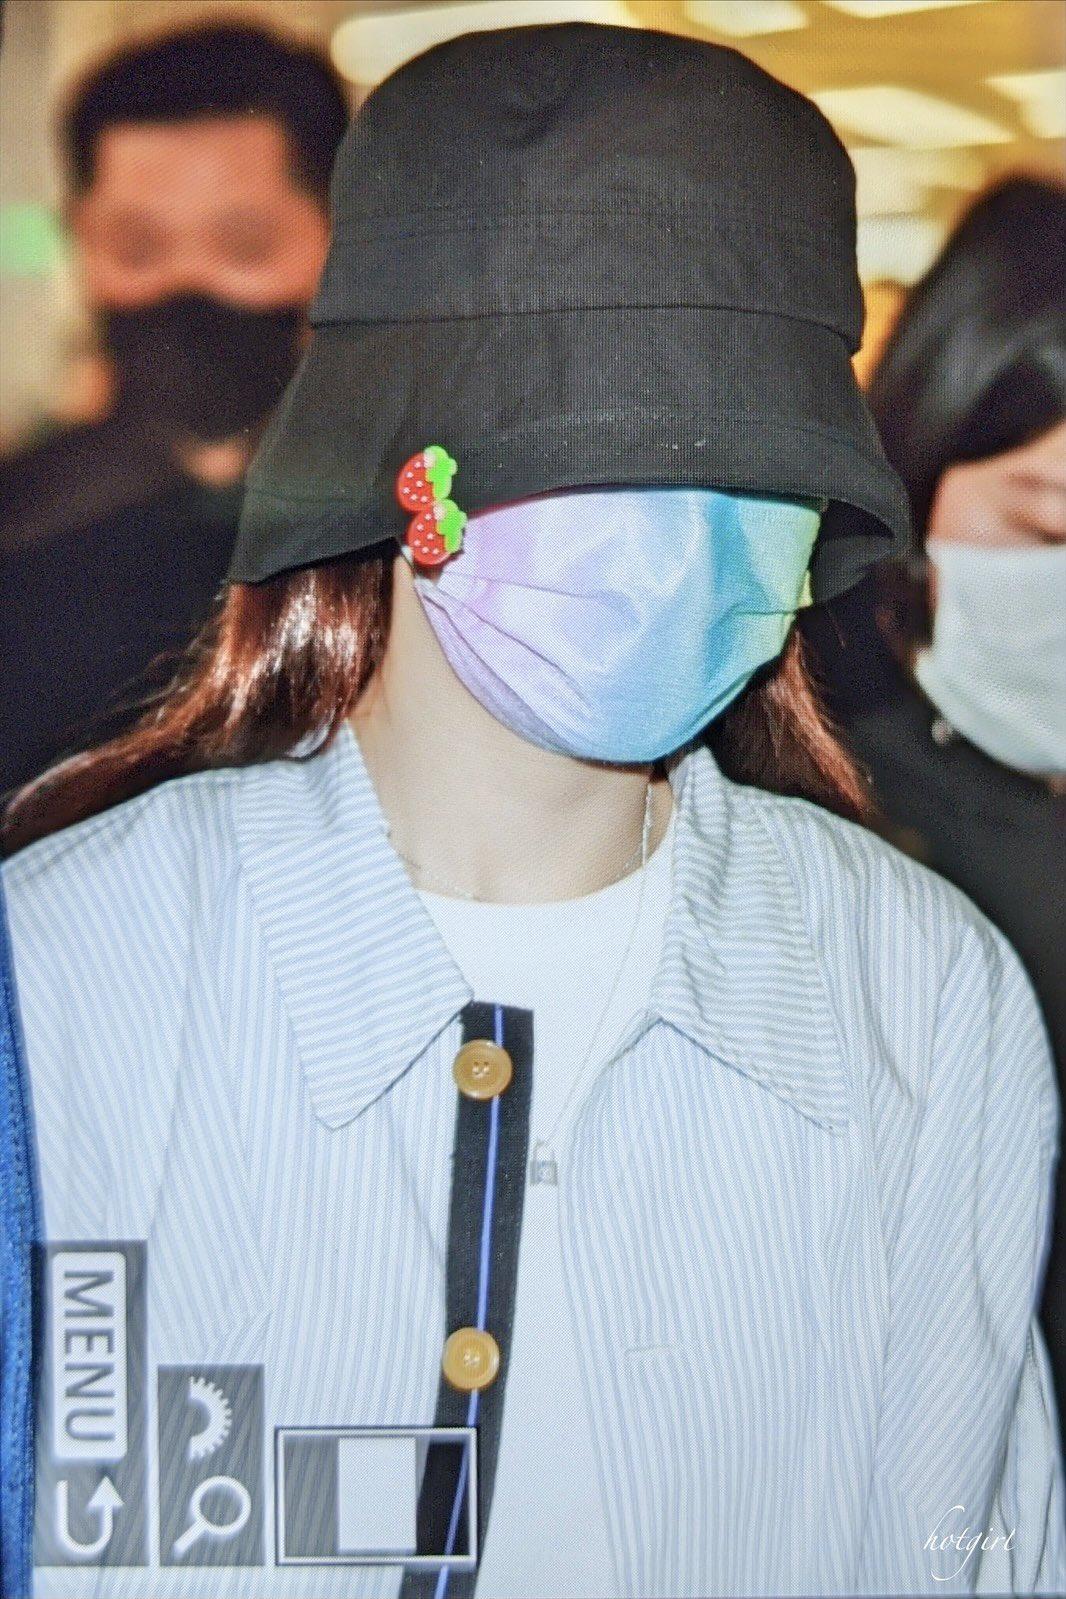 Chiếc khẩu trang cầu vồng hiệu PopMe cùng những chiếc sticker dâu tây đáng yêu cài trên mũ giúp vẻ ngoài của Na Yeon có điểm nhấn dù cô không hề lộ mặt.